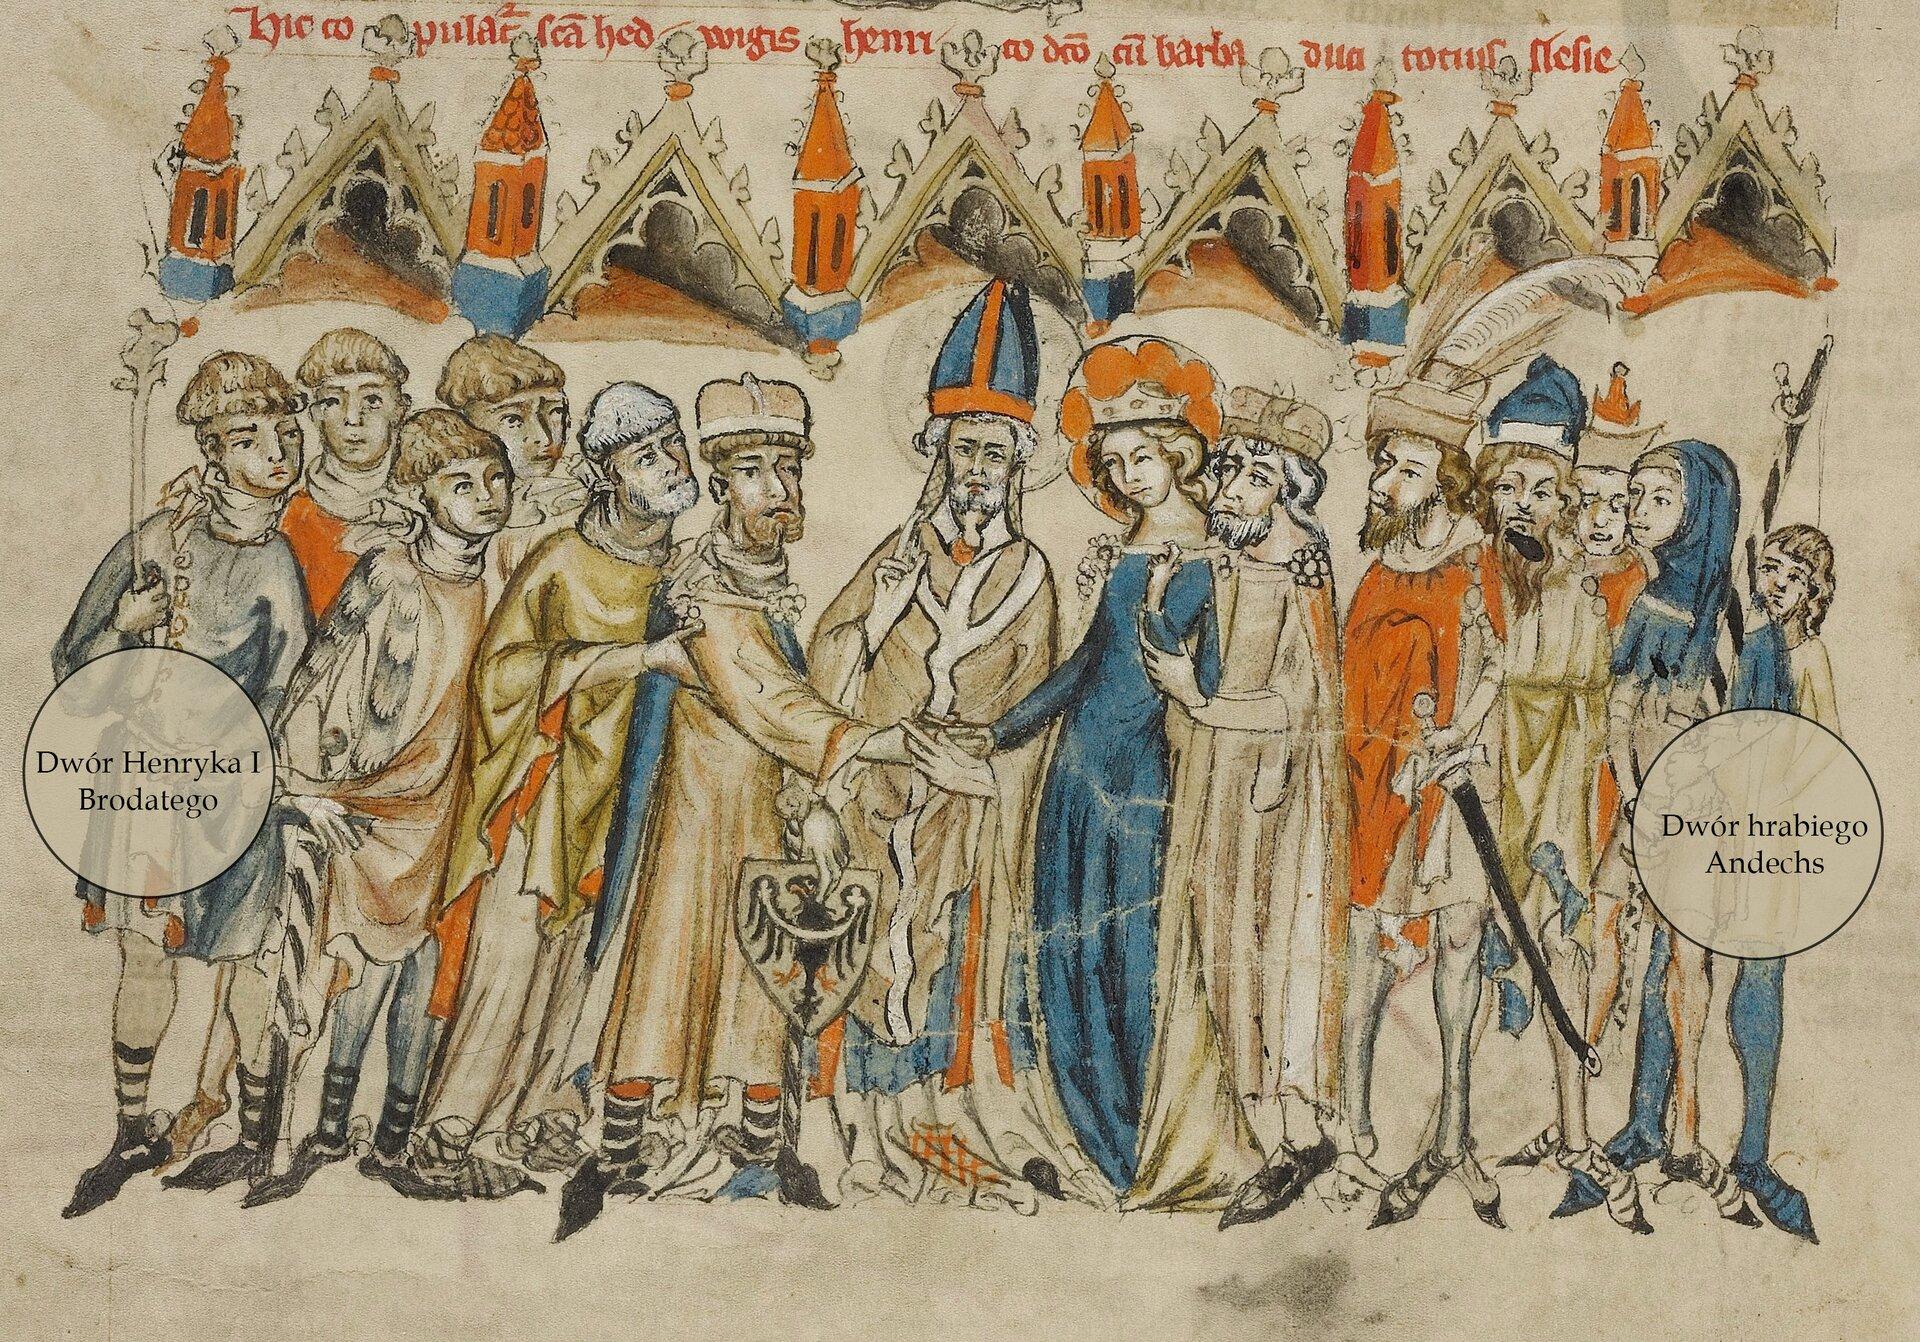 Ślub Henryka IBrodatego zJadwigą zAndechs, według ikonografii zXIV w. Źródło: Ślub Henryka IBrodatego zJadwigą zAndechs, według ikonografii zXIV w., licencja: CC 0.